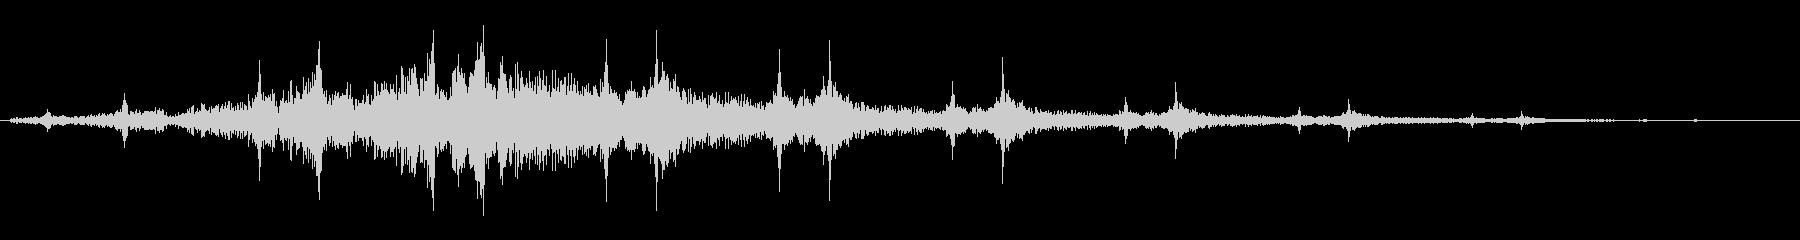 ピヨンヨン(近未来間を感じるビームの音)の未再生の波形